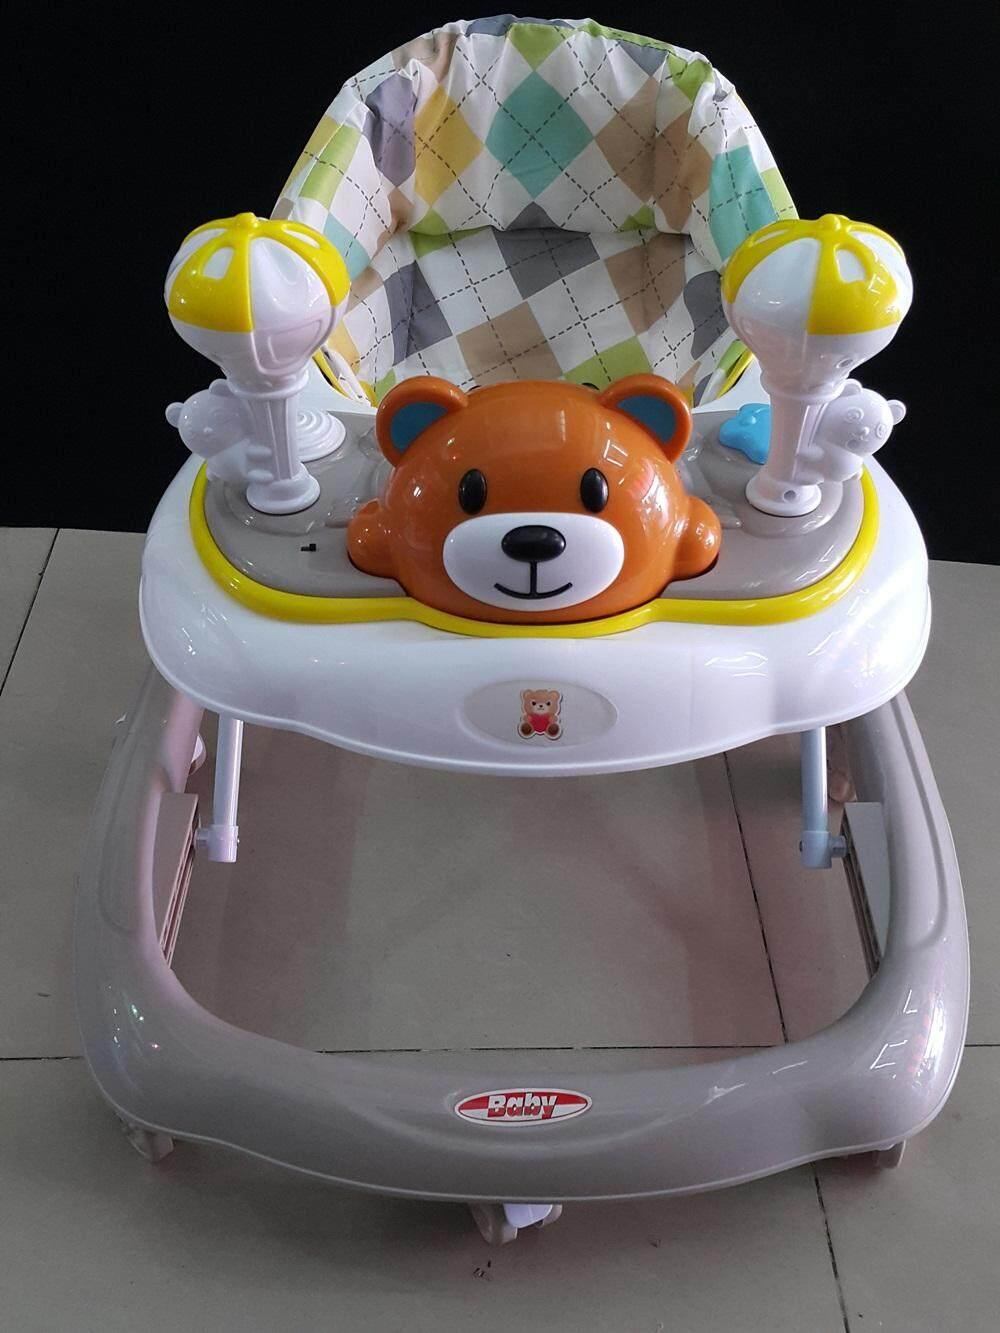 PP-POP รถหัดเดินหน้าหมีน้อย รุ่นมีขาตั้งล้อ ปรับสูงต่ำ 3 ระดับ มีเสียงเพลง พับเก็บได้ สีฟ้า ชมพู น้ำเงิน และเทา